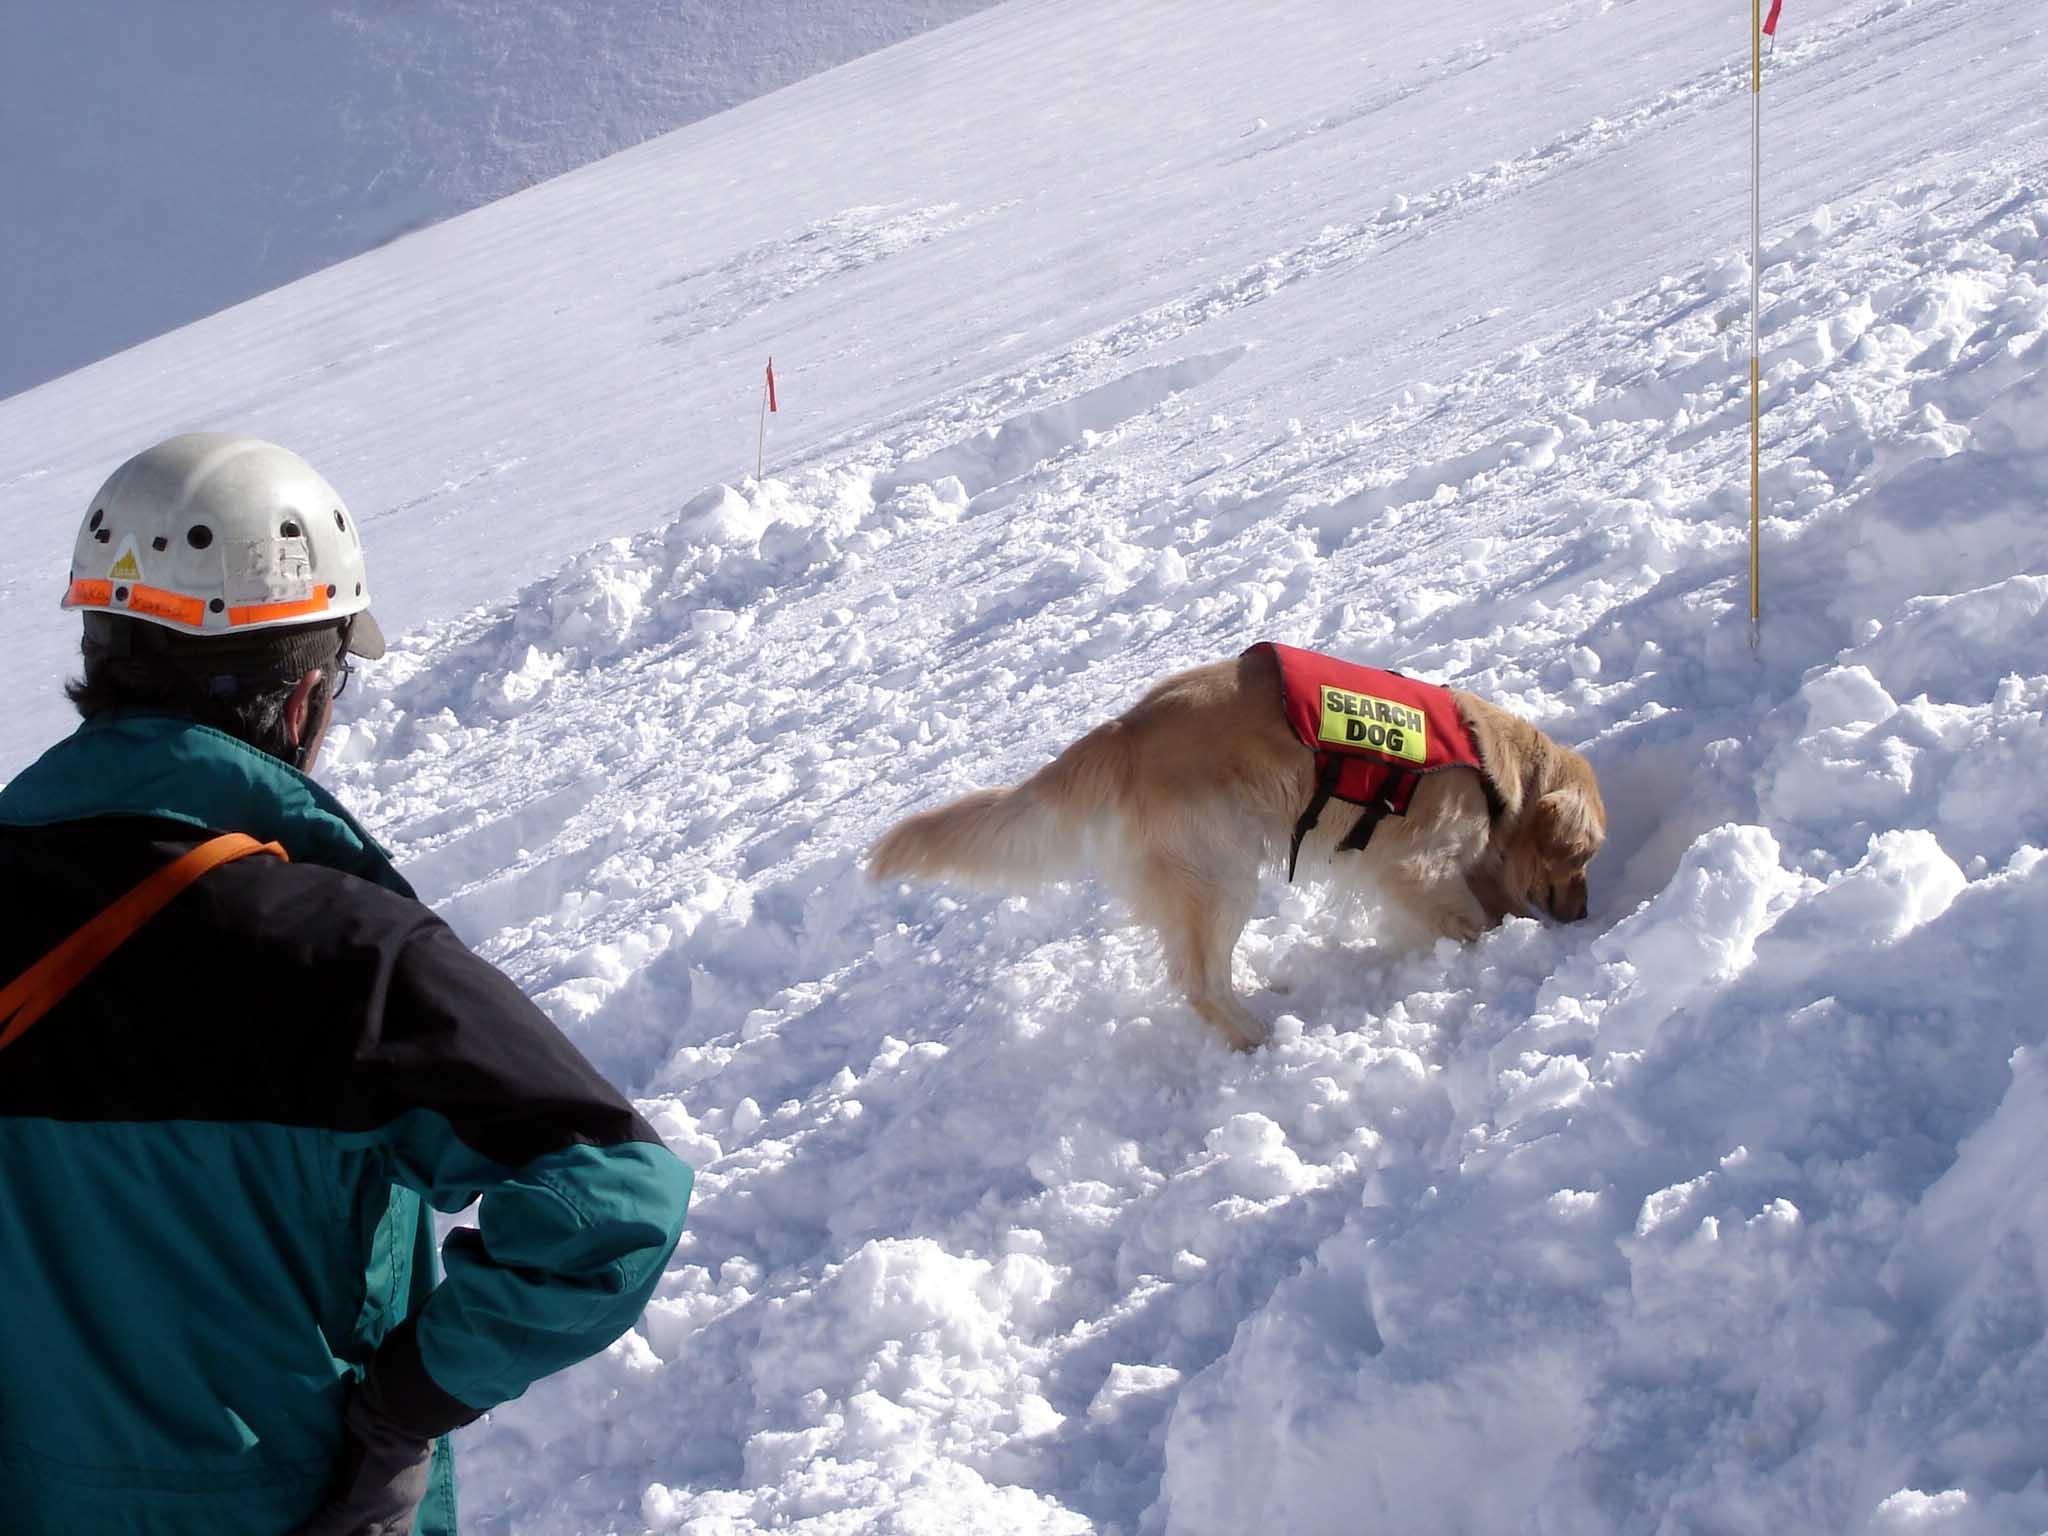 長野山岳レスキュー チャンスによる捜索②(スクラッチ)